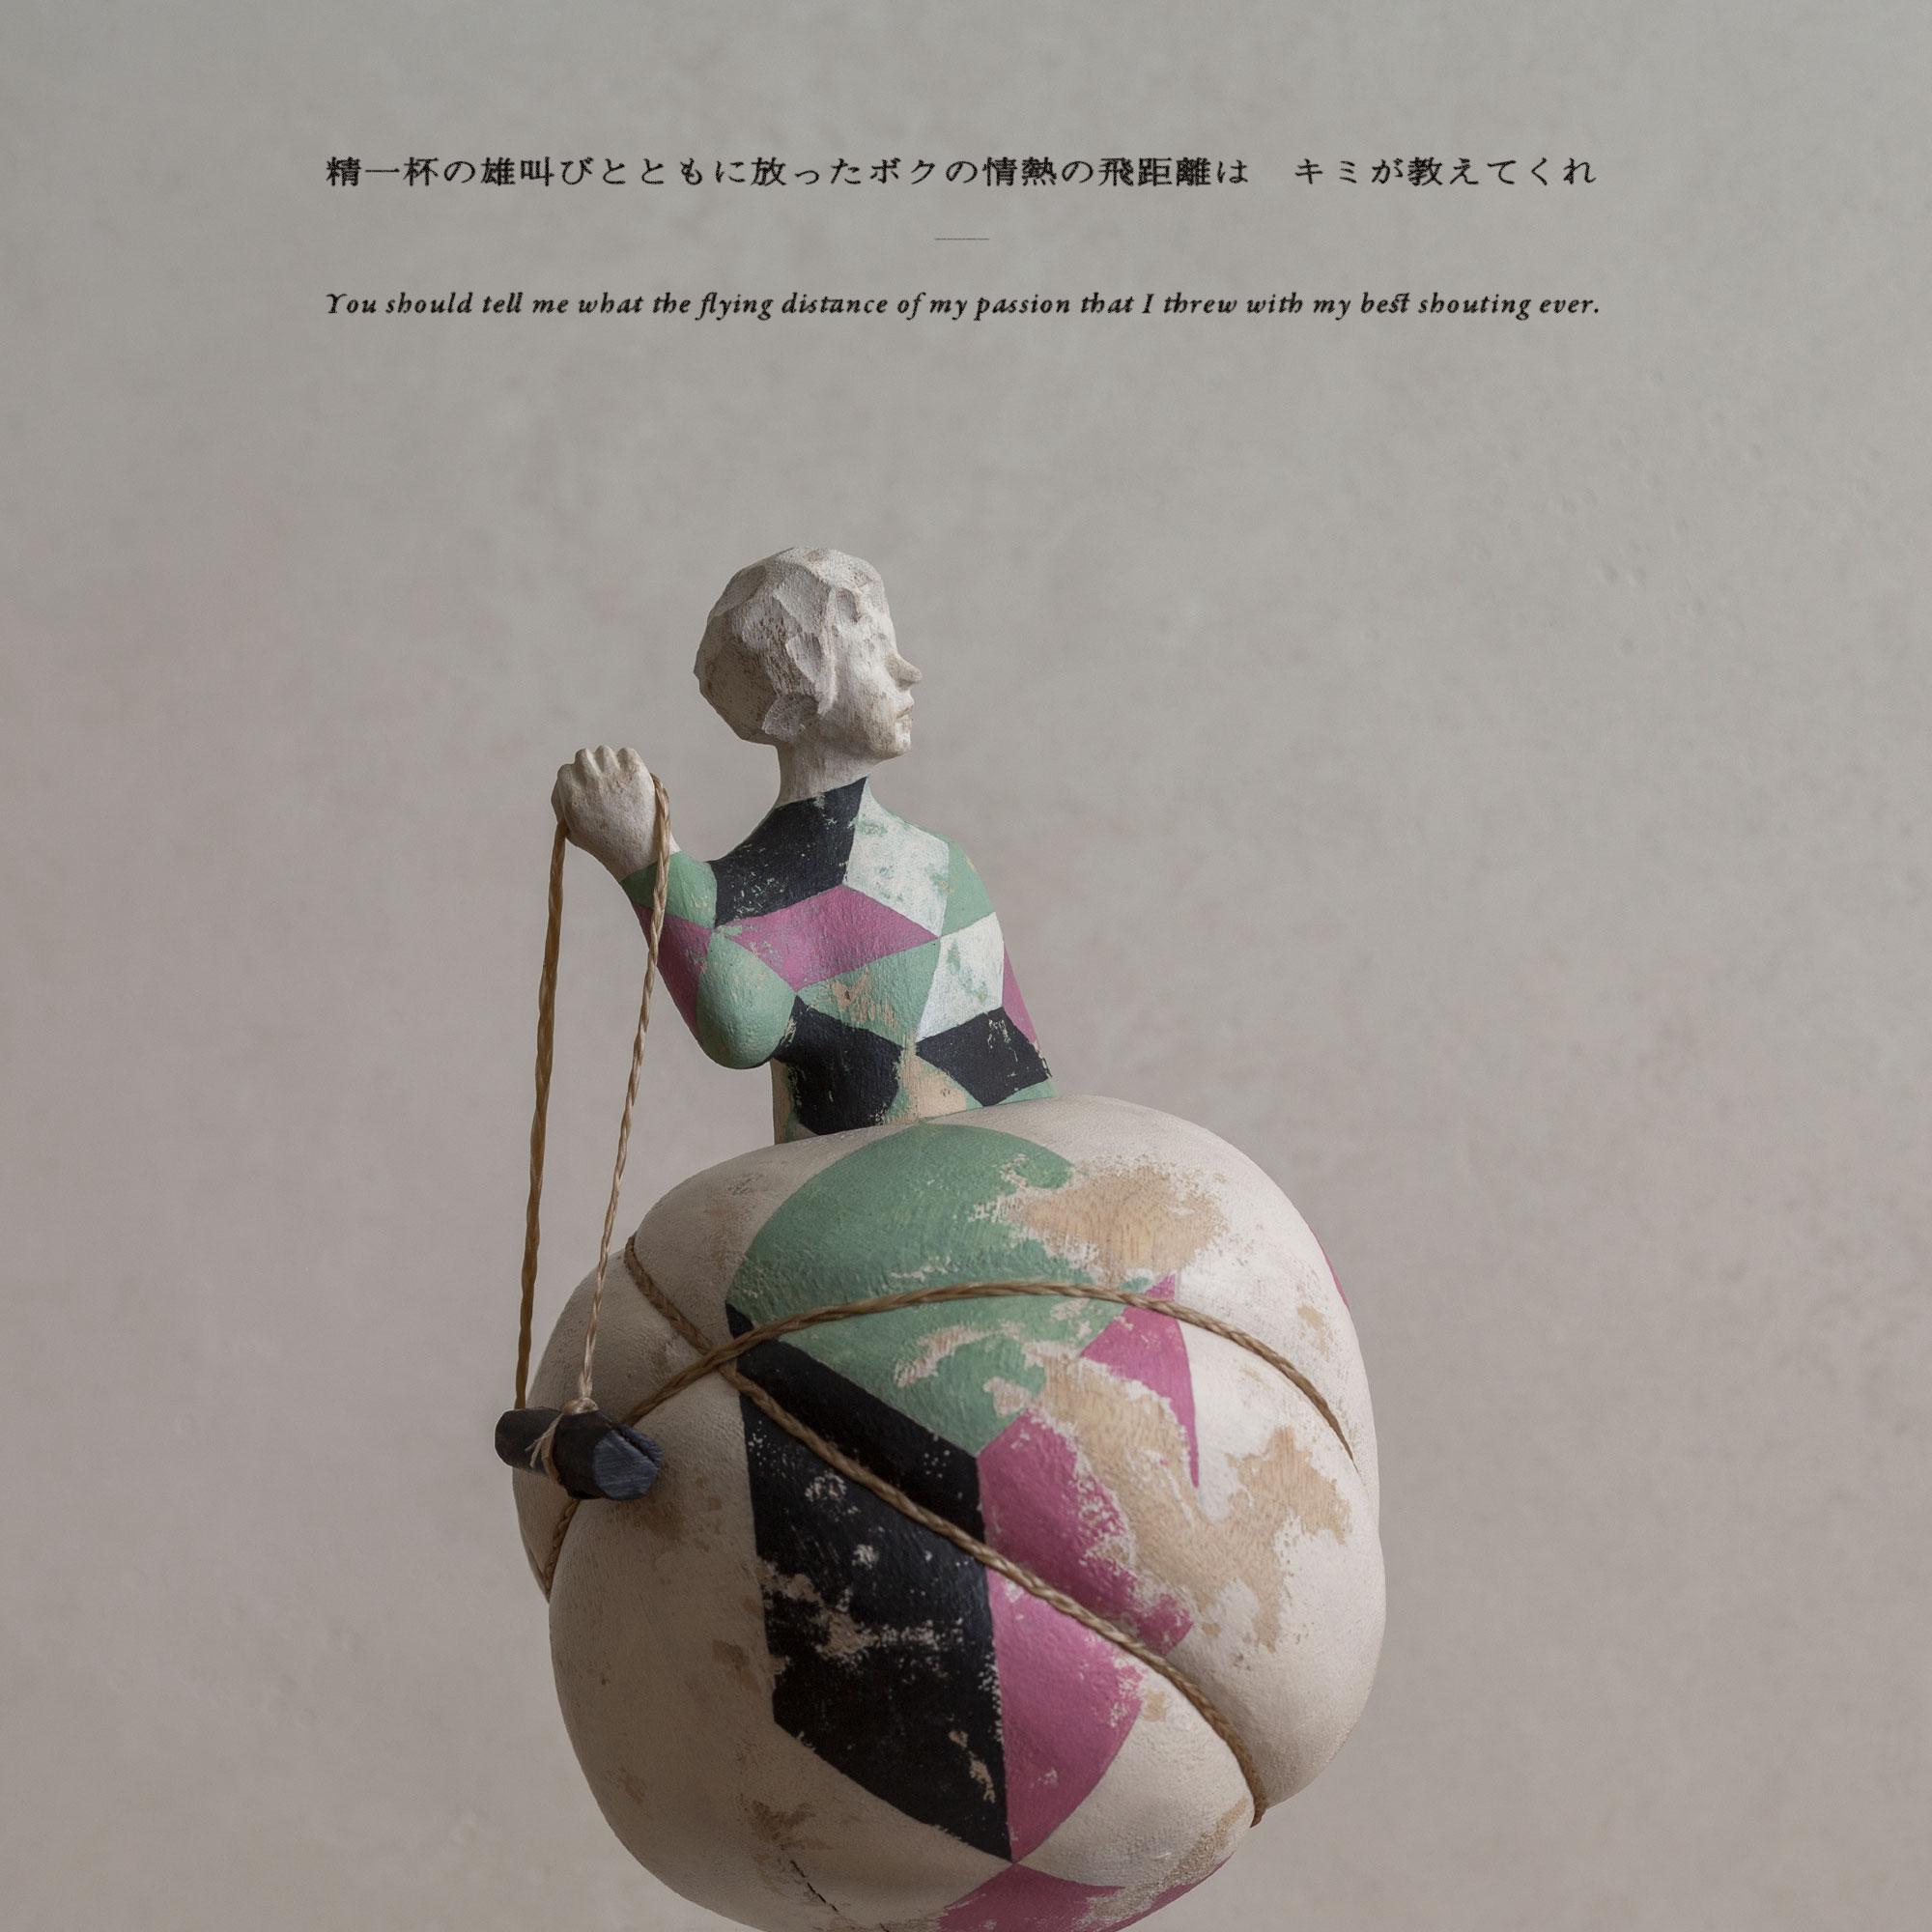 """Yuta NISHIURA """"動 Motion"""" #07July 2020 「精一杯の雄叫びとともに放ったボクの情熱の飛距離は キミが教えてくれ」"""